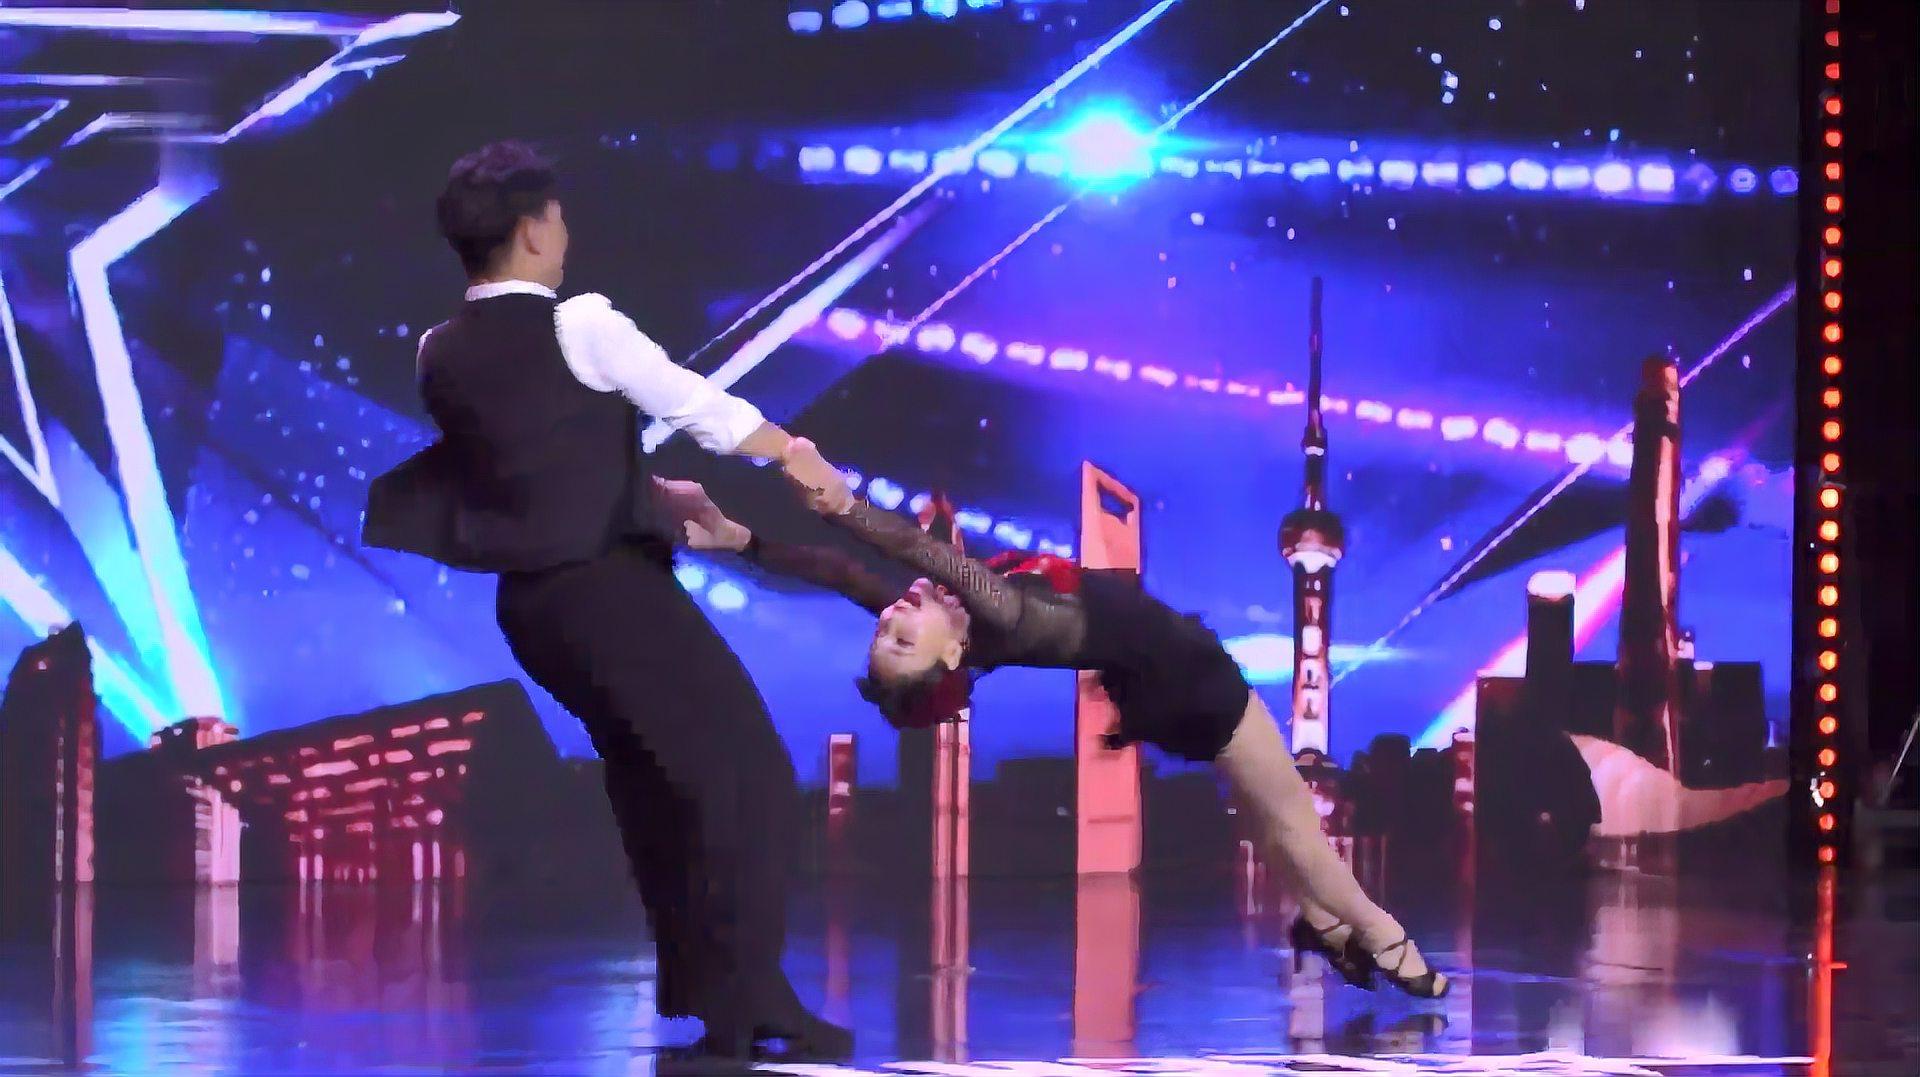 中国达人秀:拉丁舞能达到这个境界可不简单,现场一片欢呼,震撼